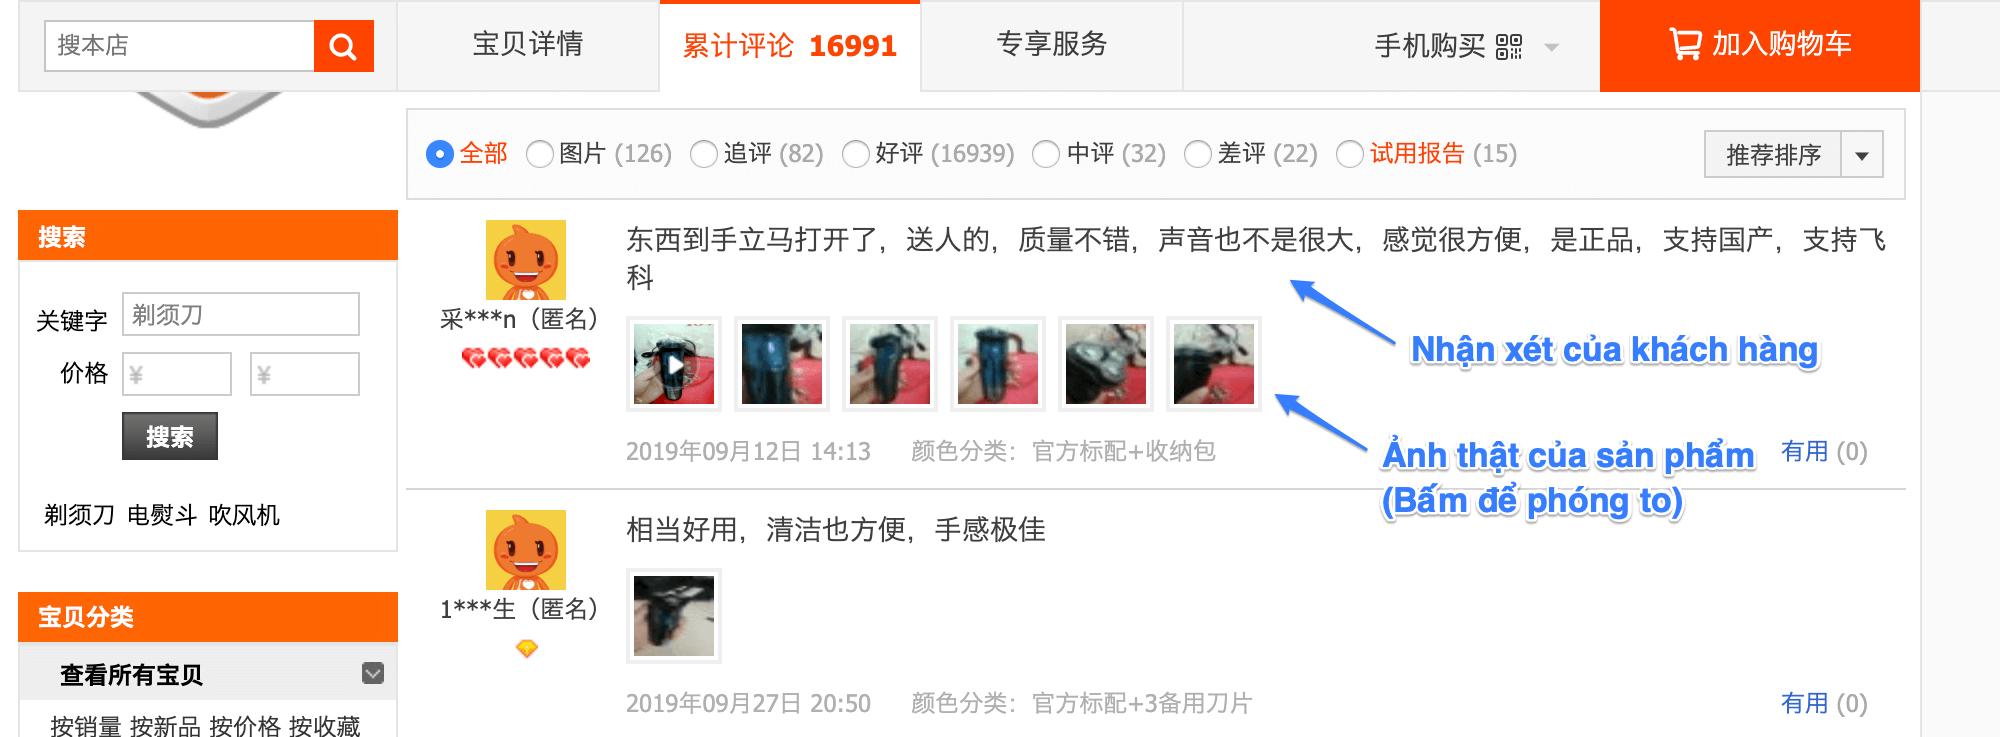 Nhận xét của khách hàng về sản phẩm trên Taobao